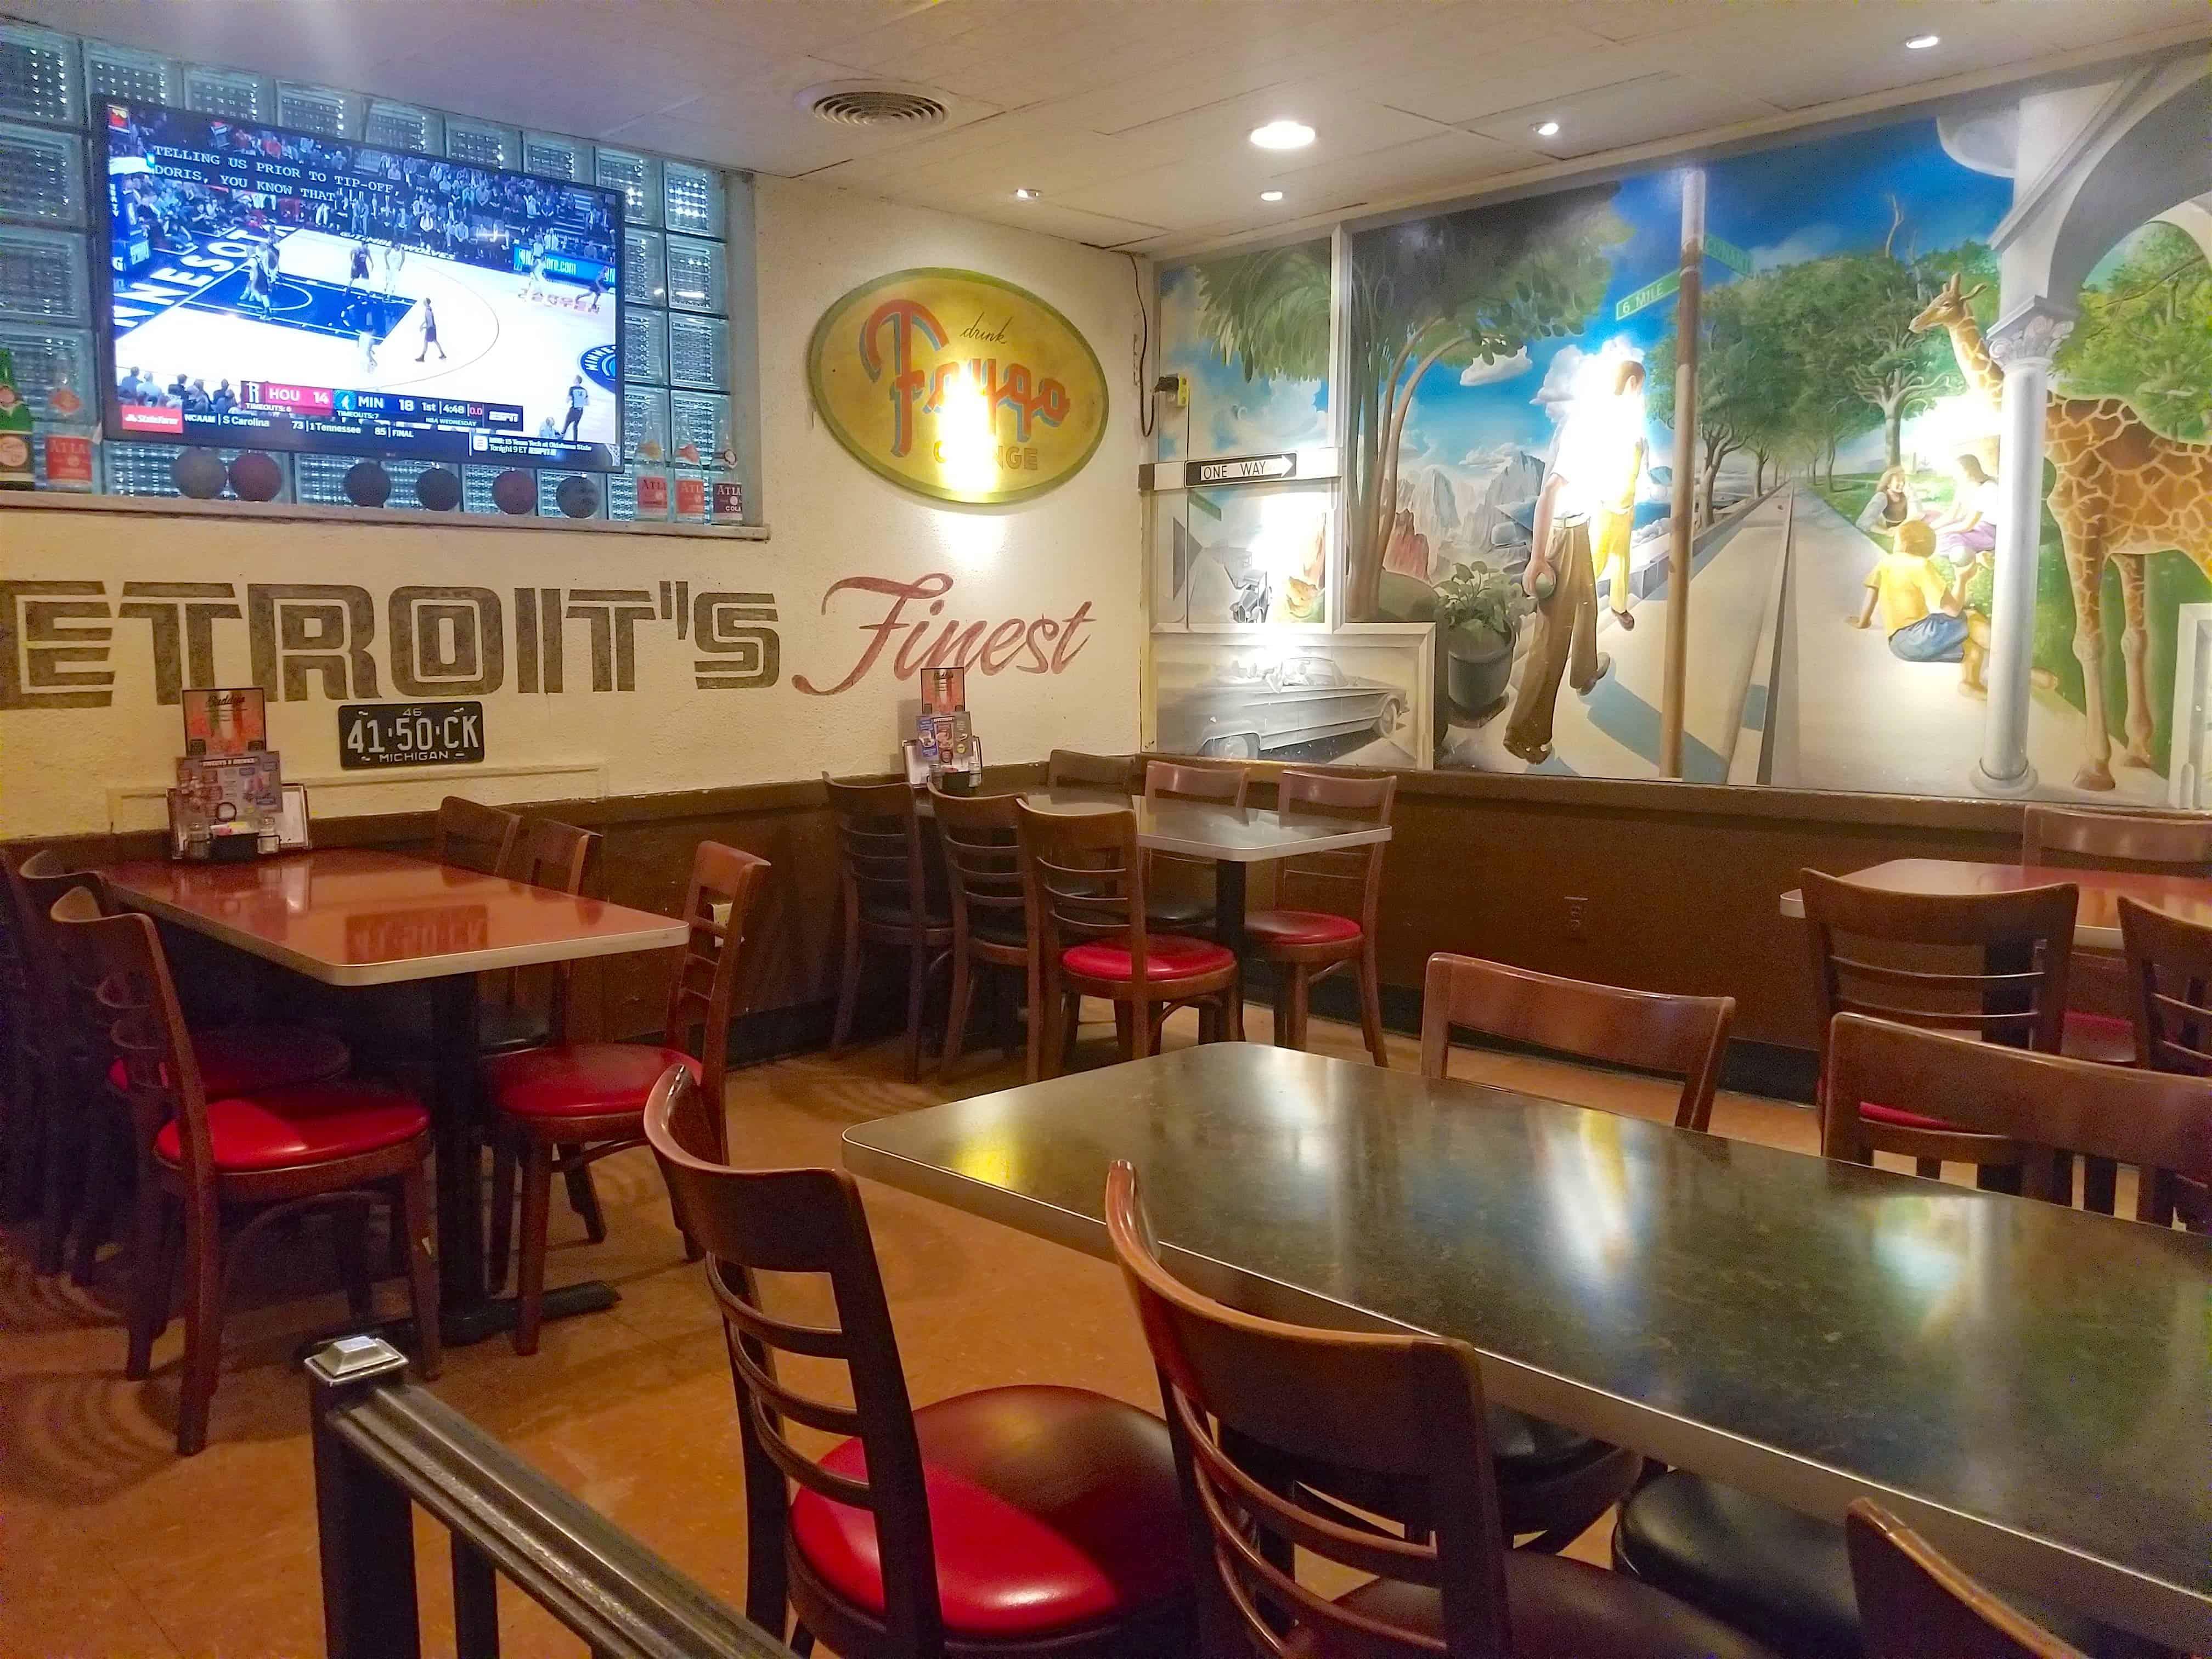 Buddy's Diner restaurant Detroit